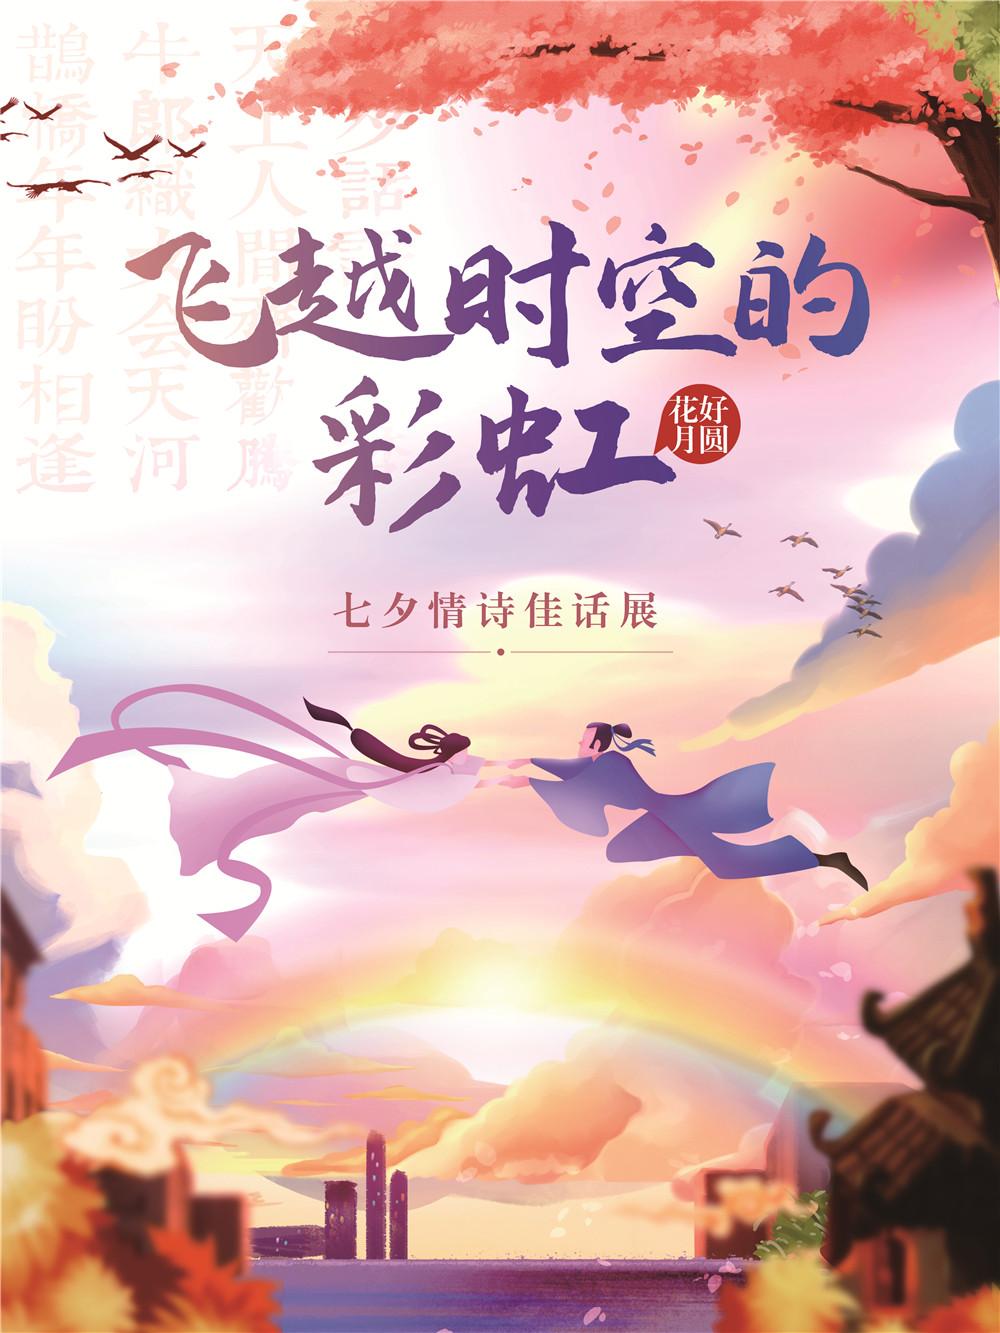 飞越时空的彩虹――七夕情诗佳话展